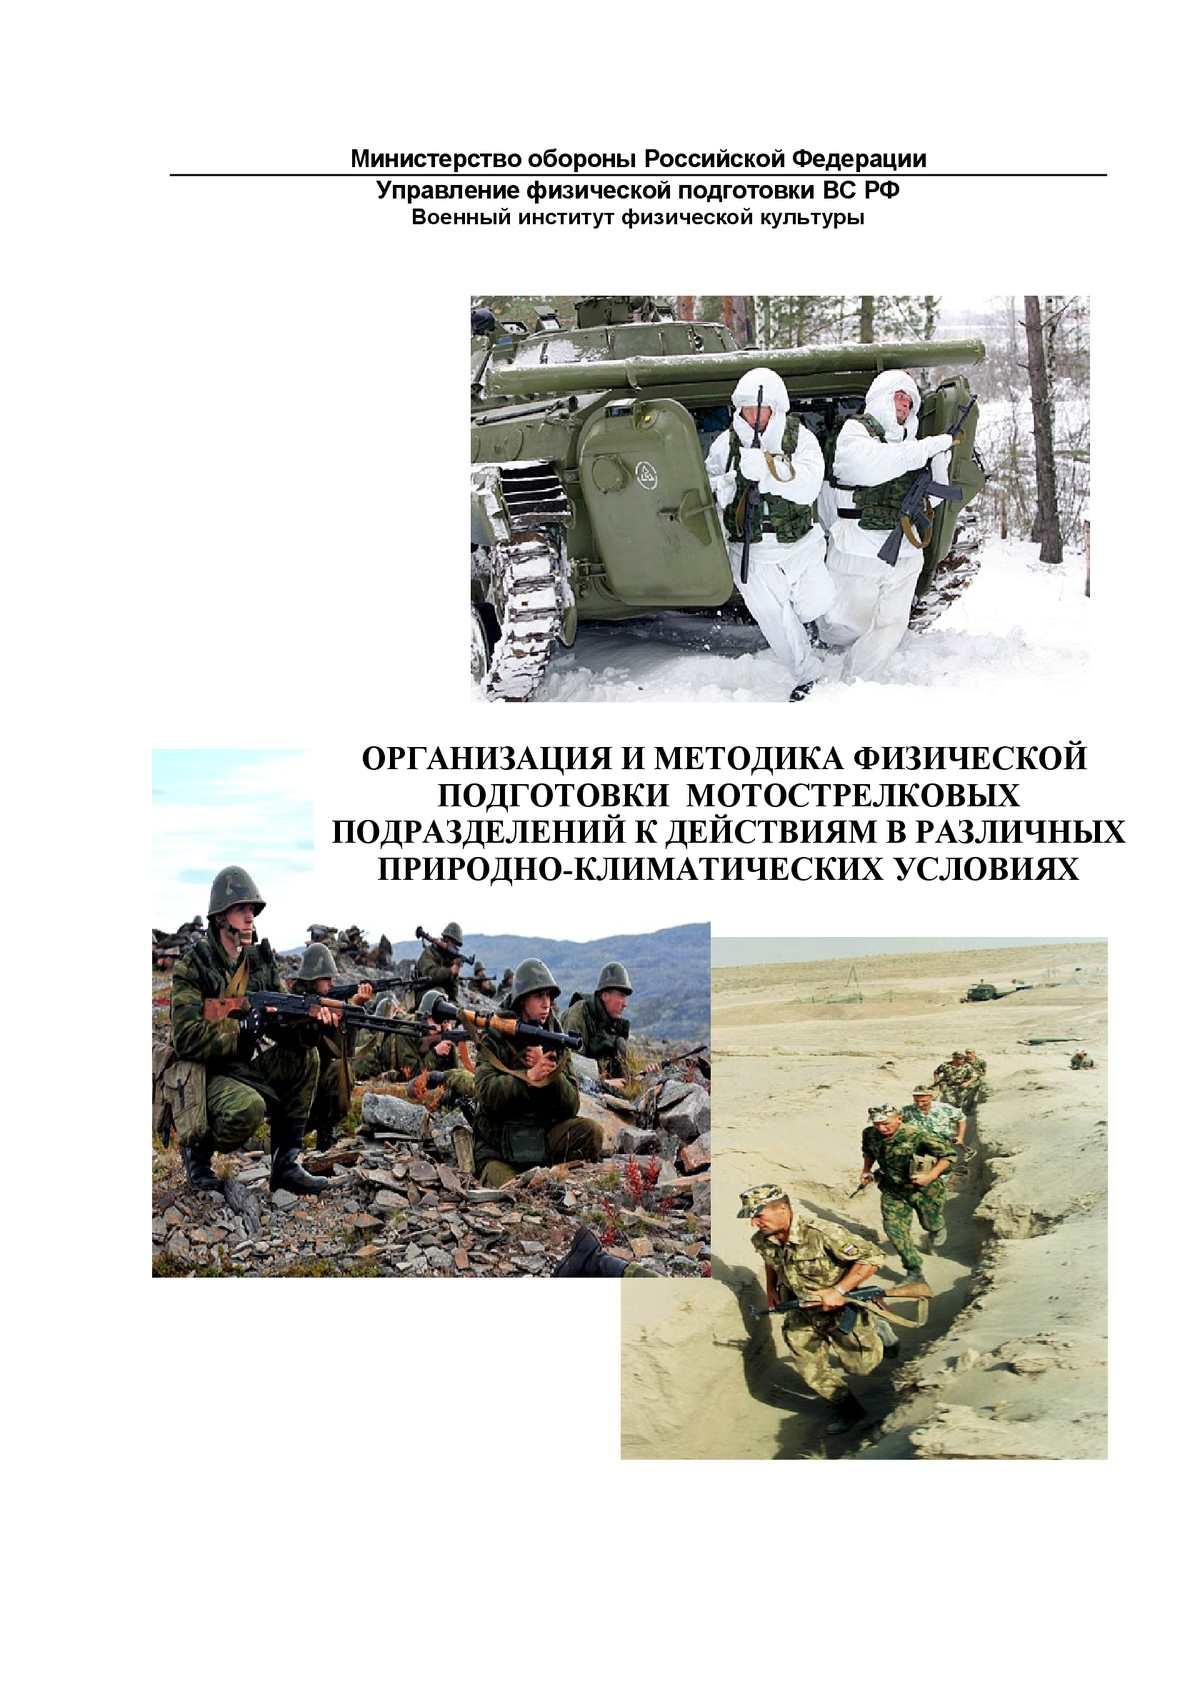 Организация и методика физической  подготовки  мотострелковых подразделений к действиям в различных природно-климатических условиях